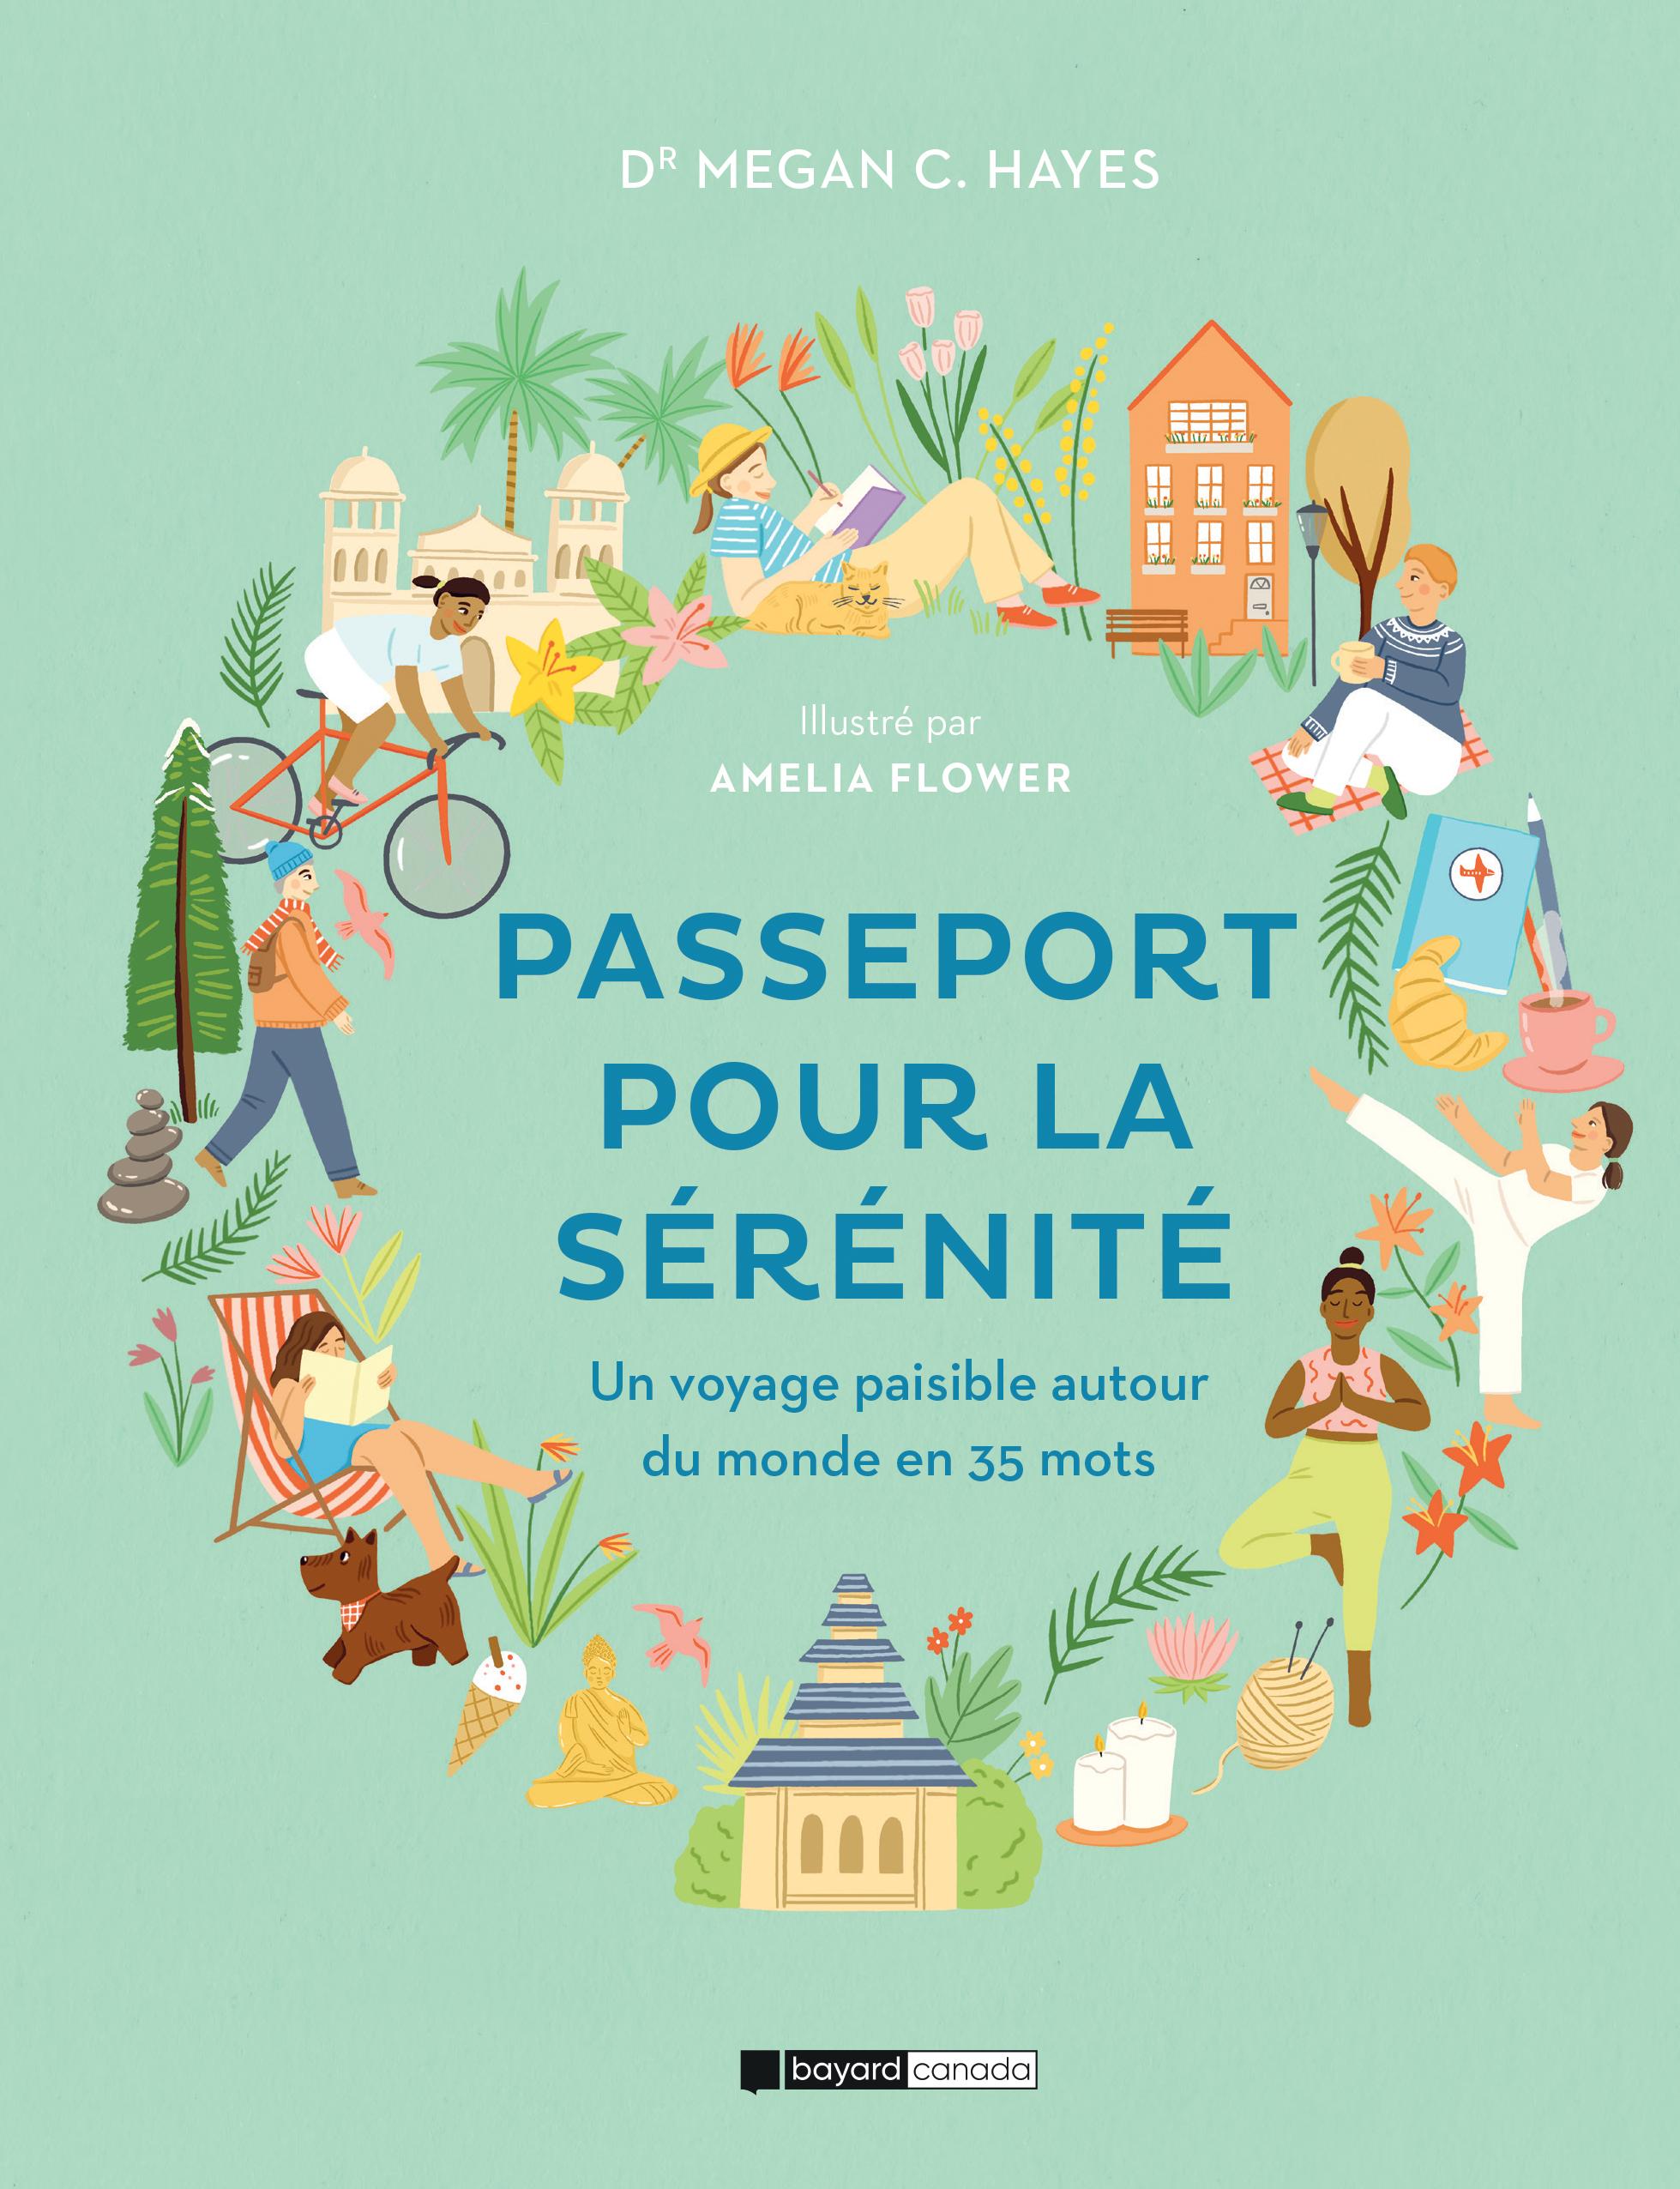 Passeport pour la sérénité